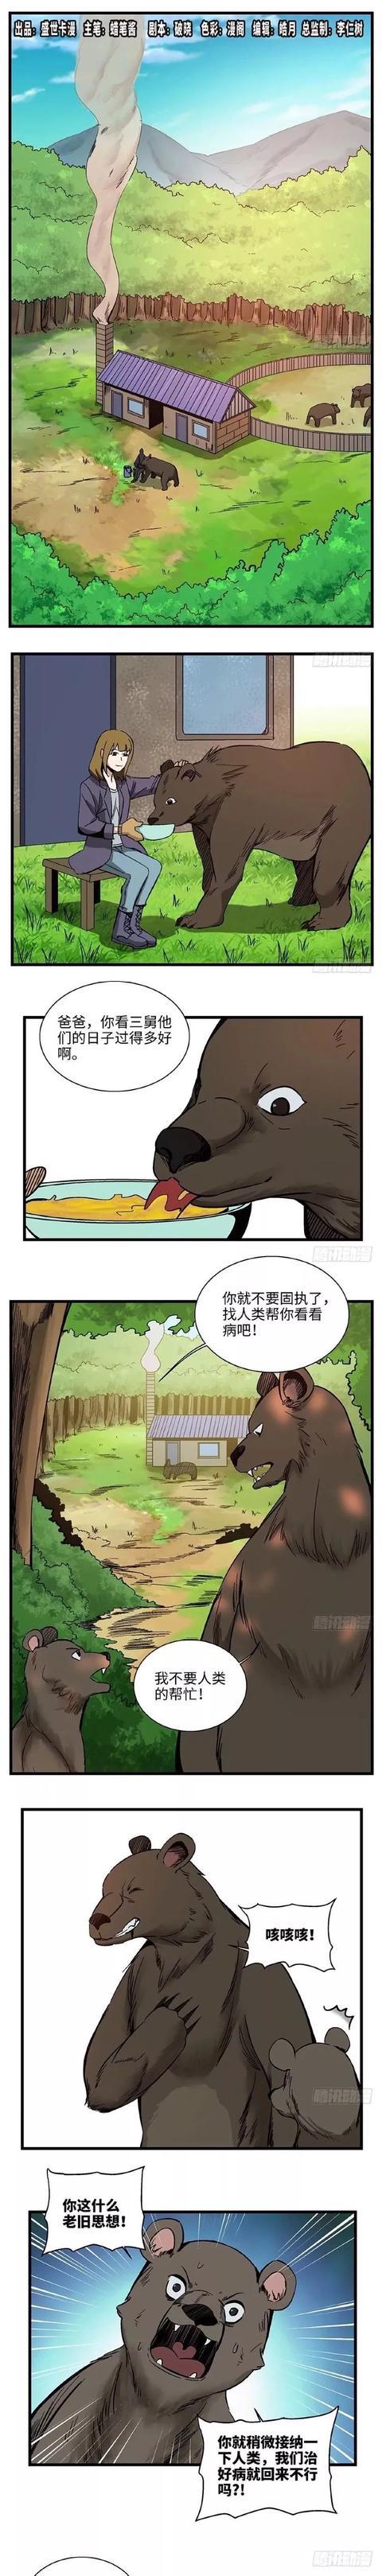 白熊卡通图片